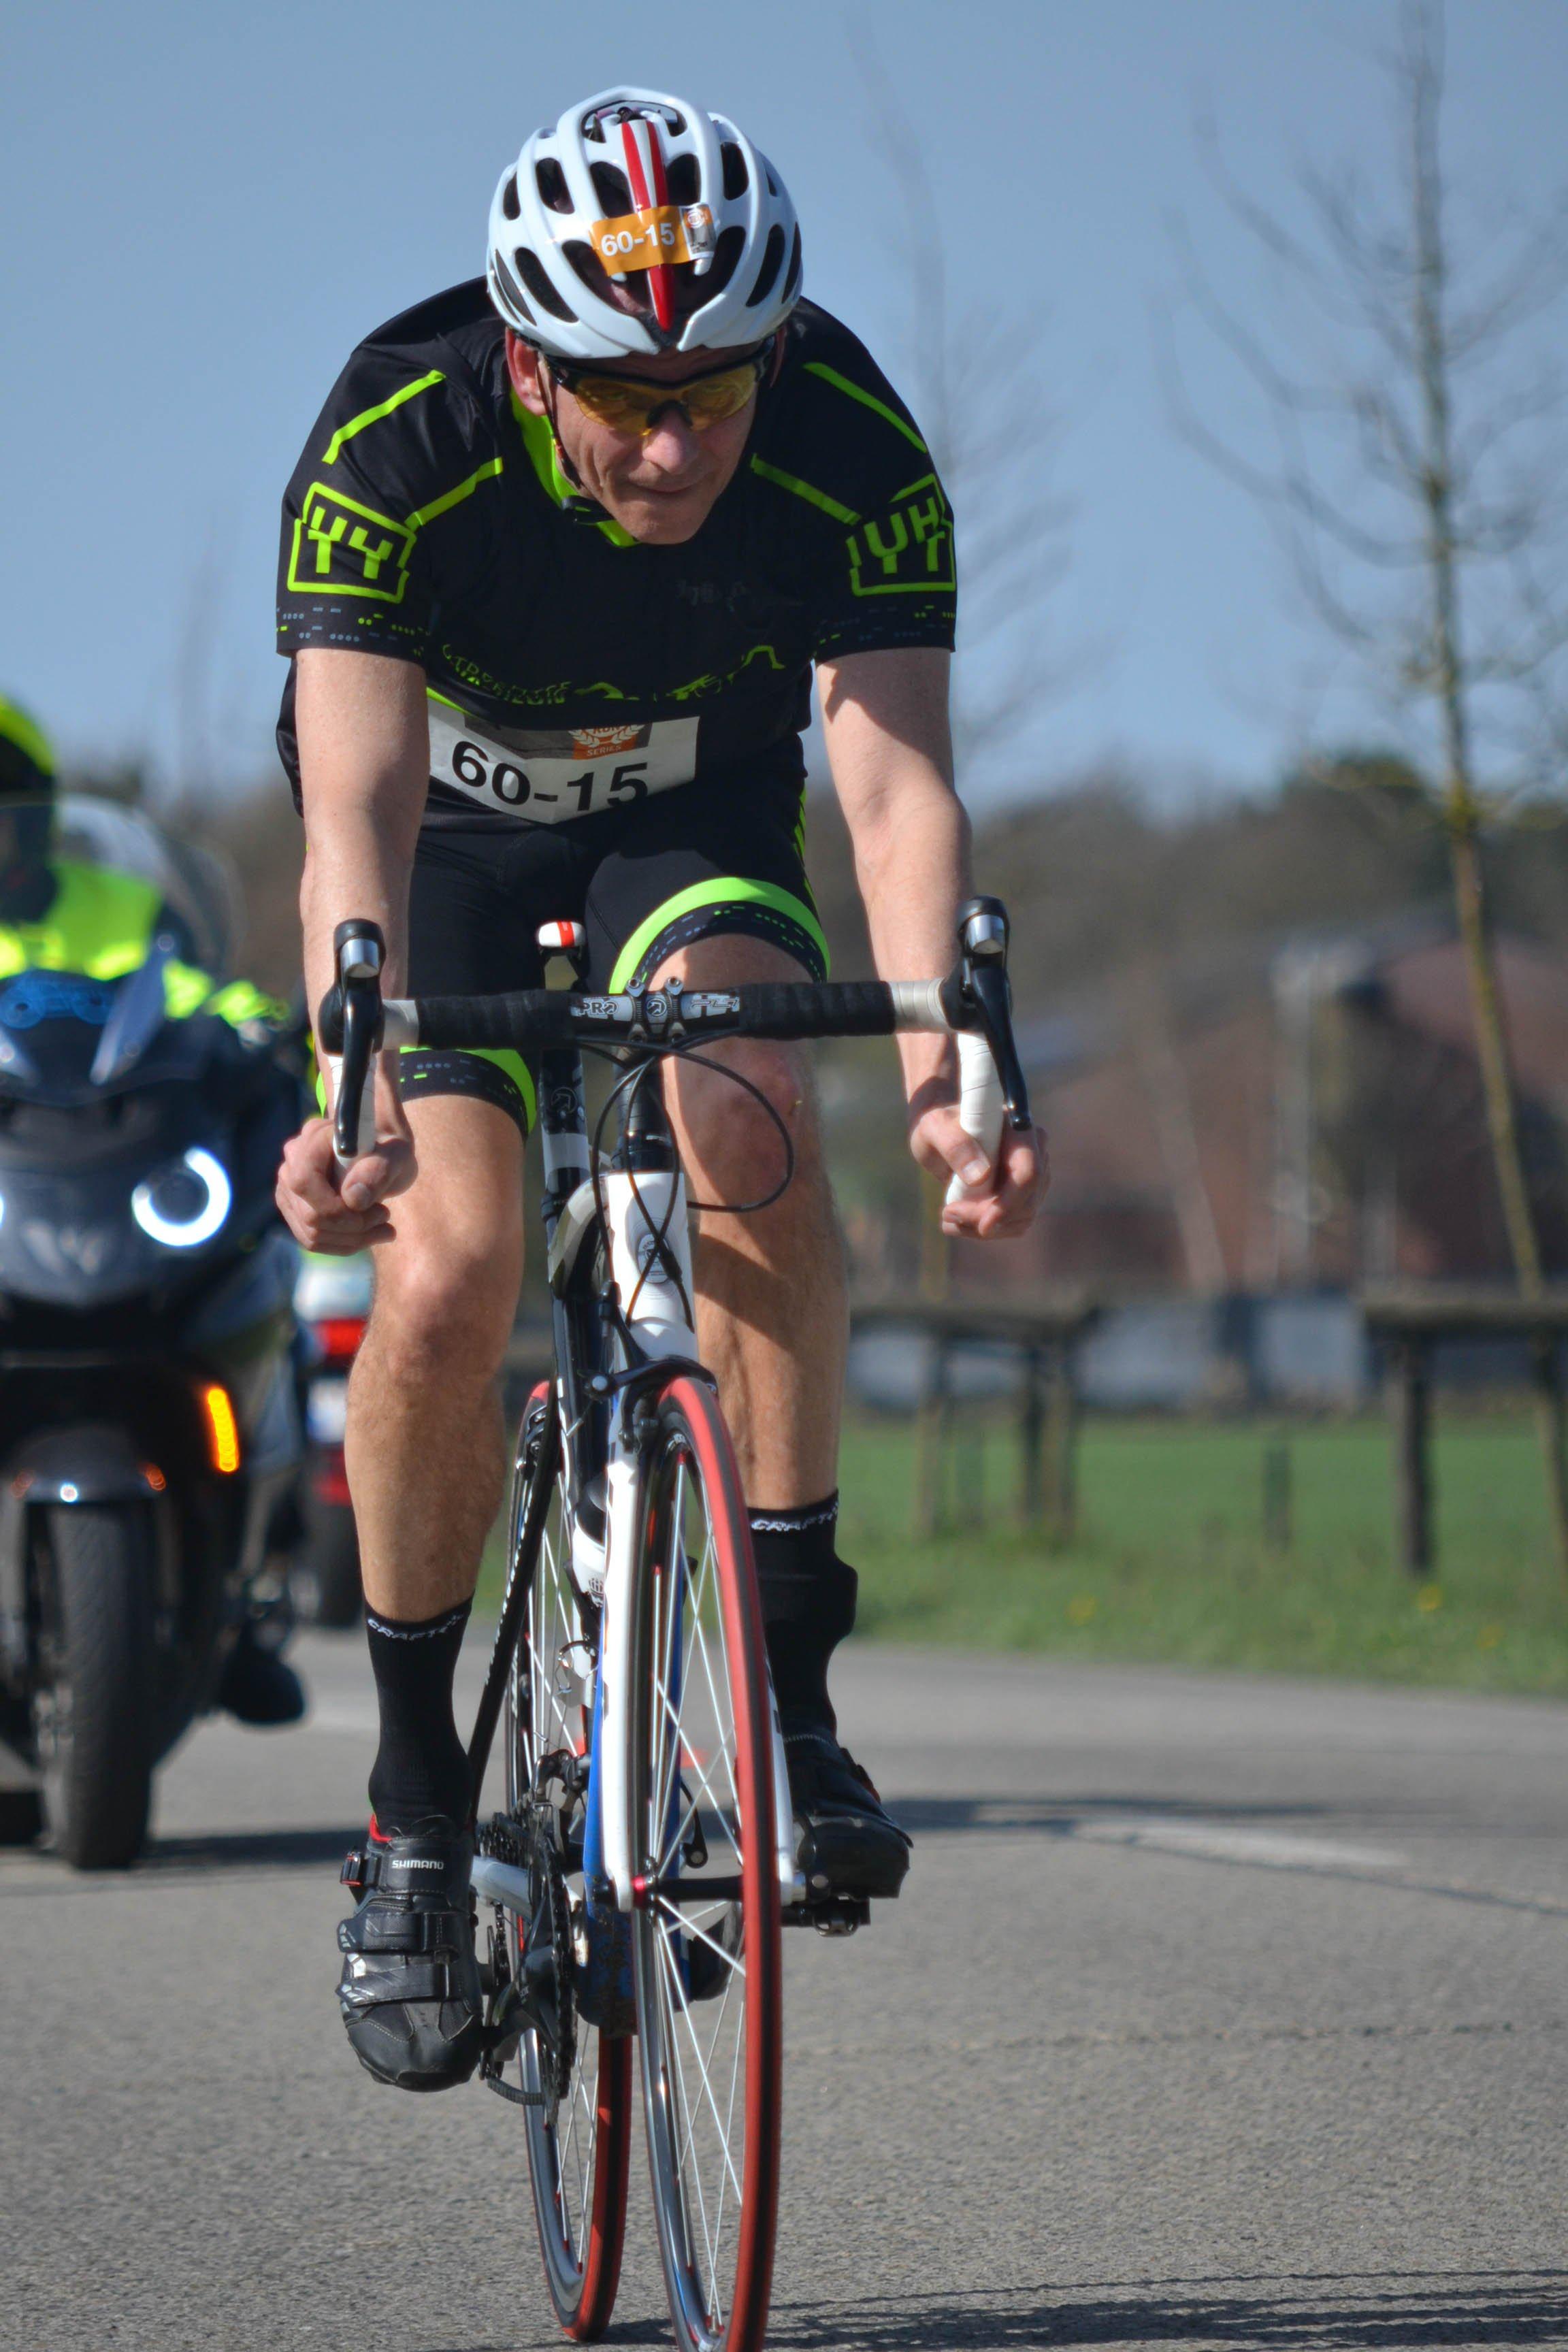 competitie - UHTT Run Bike Run Team Geel Erick Fiets 2 - UHTT Run Bike Run Team verrassend 11e in Challenge Duathlon Geel - raceverslag, Nederland, Hardlopen, Fietsen, competitie, 2018